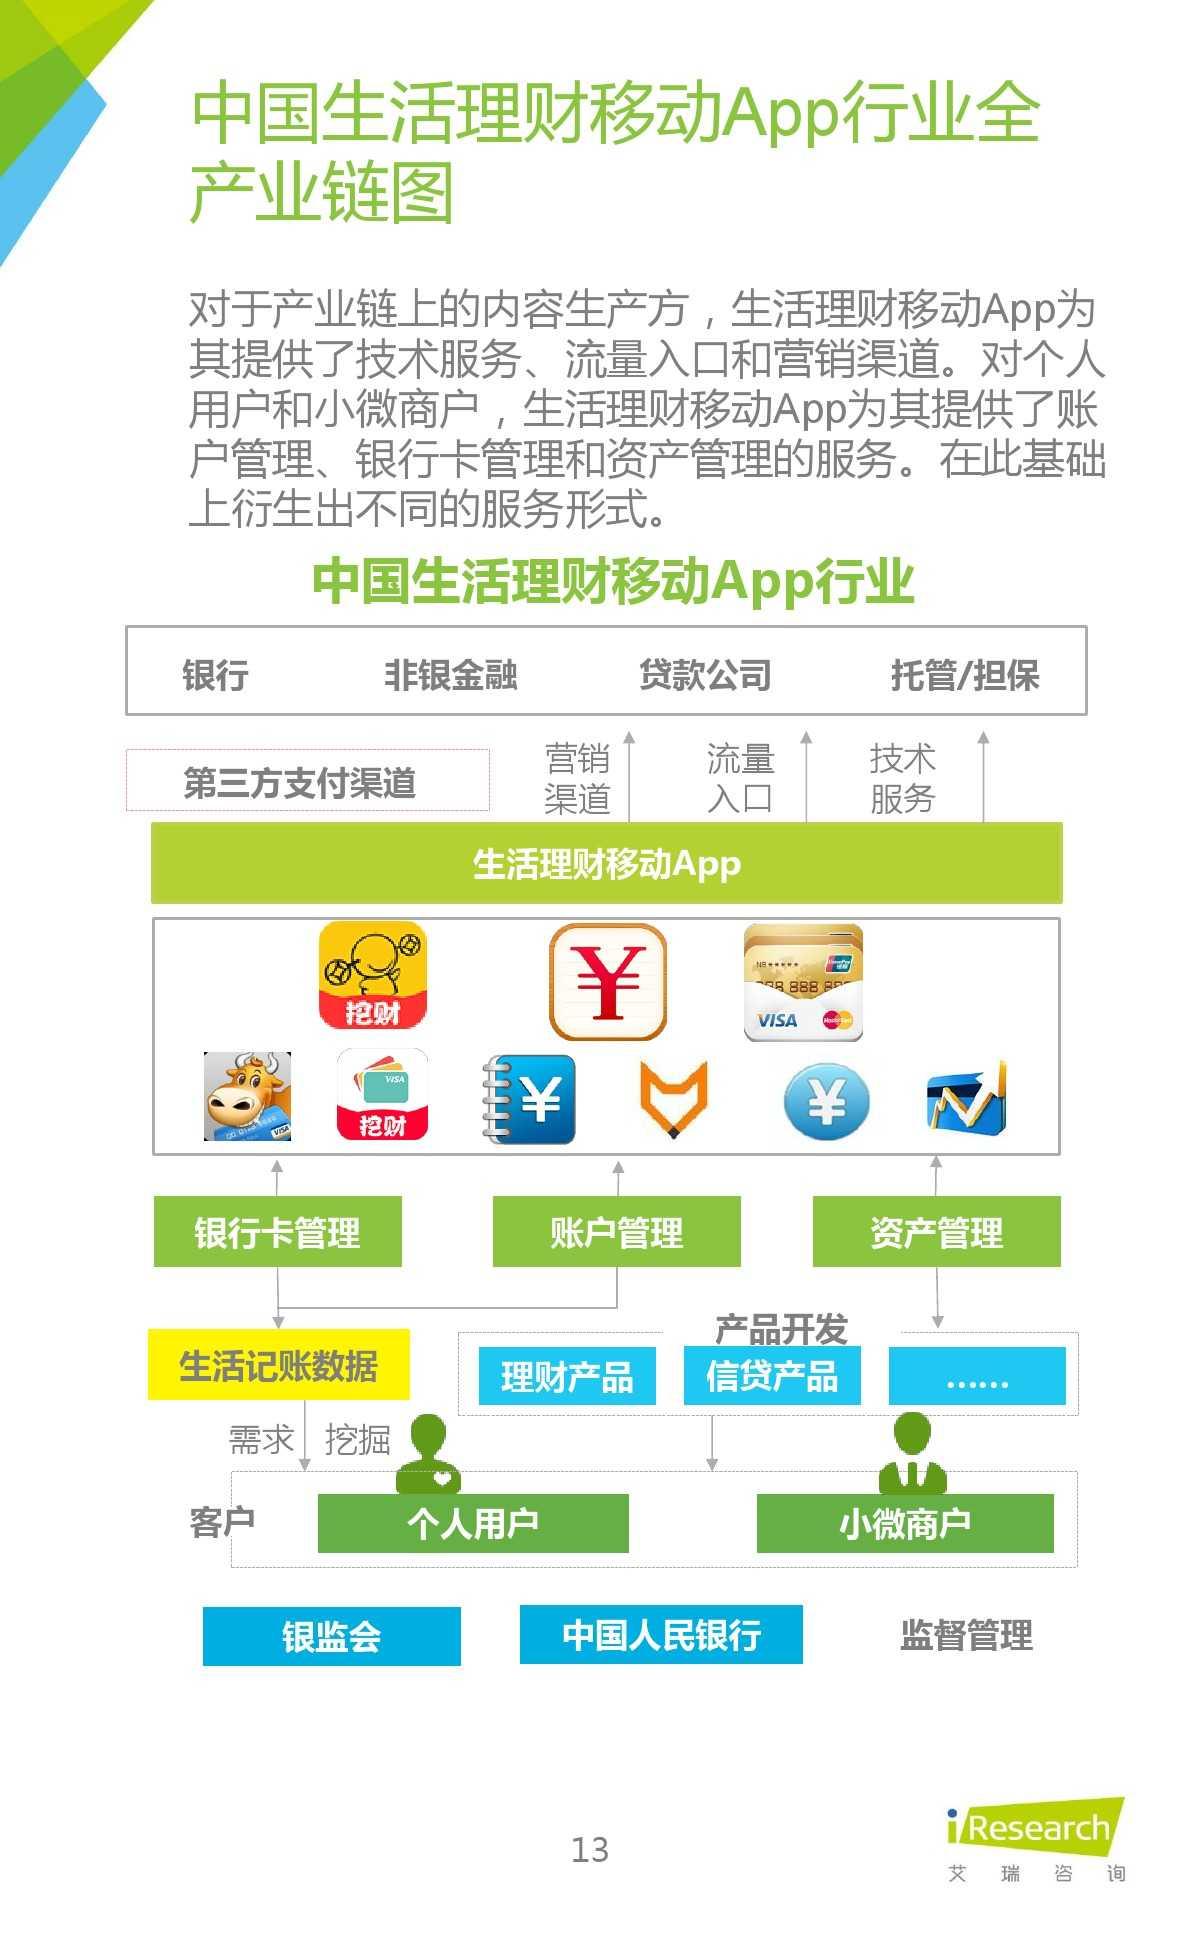 2015年中国生活理财移动App行业研究报告_000013